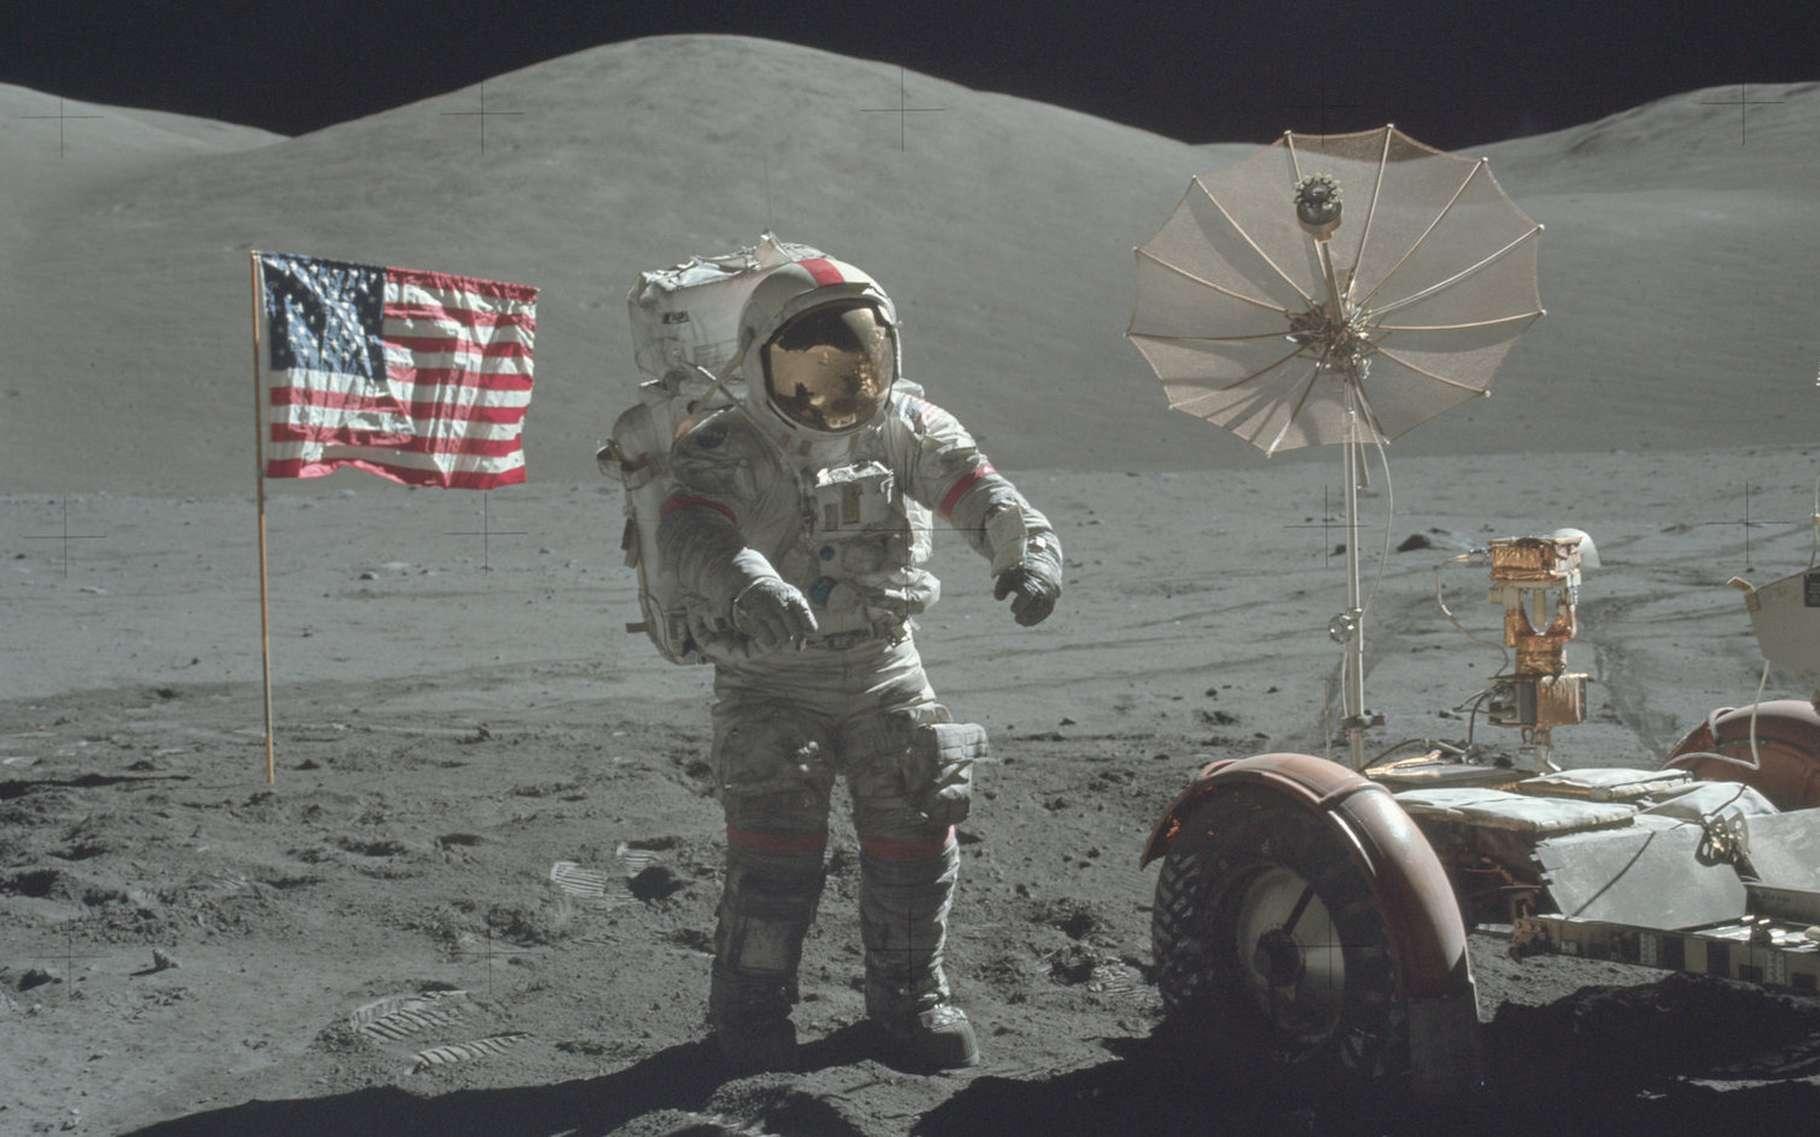 Le programme Apollo a eu de nombreuses retombées, dans des domaines aussi variés que la science et les technologies, mais aussi l'économie ou la géopolitique. © Project Apollo Archive, Flickr, Domaine public